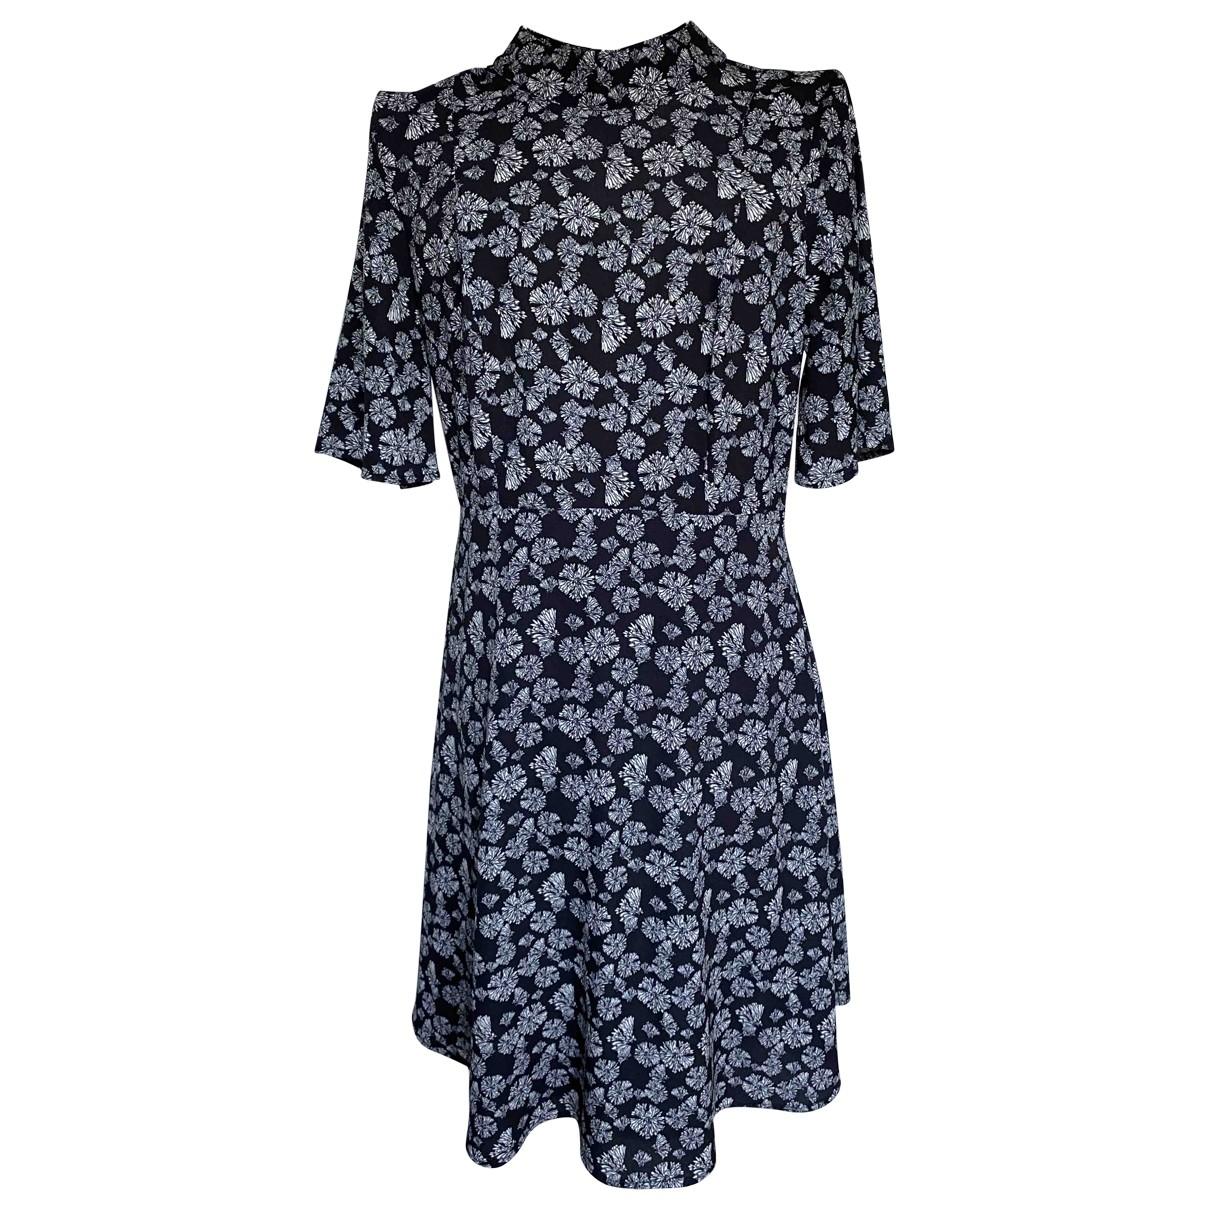 H&m Studio \N Multicolour dress for Women 36 FR